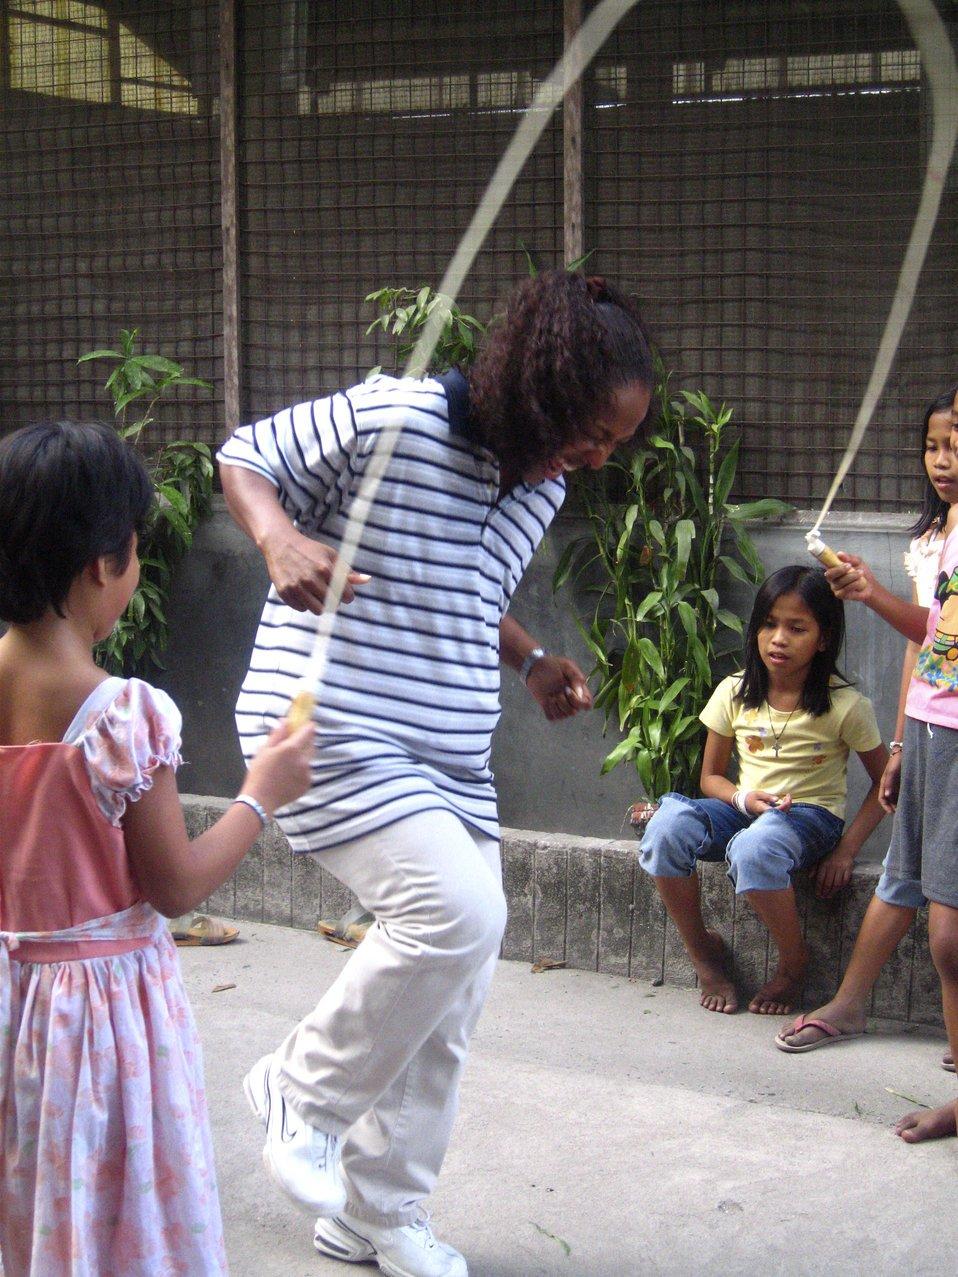 Mujer jugando con niños. | Imagen: Public Domain Files